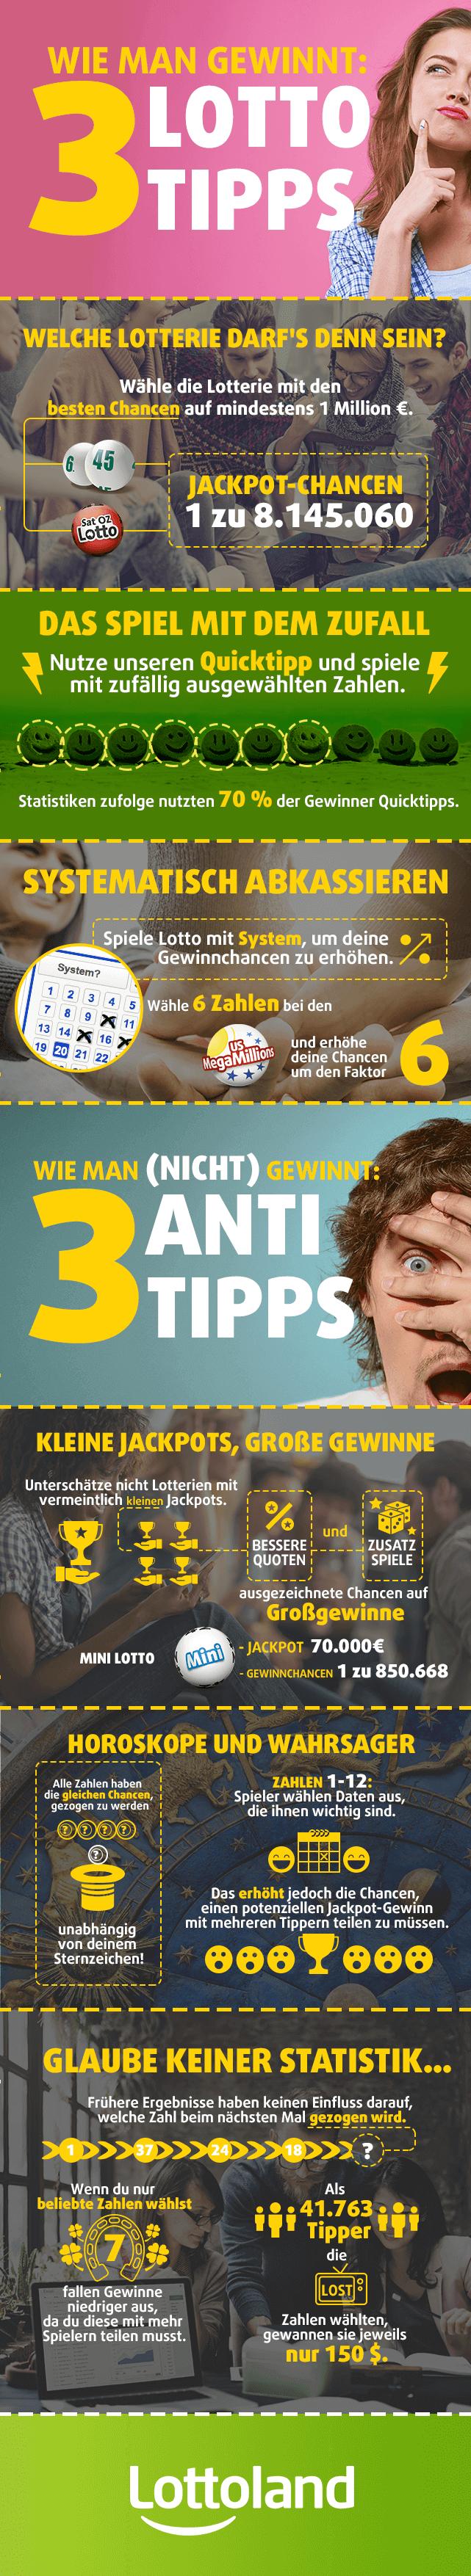 Wie man im Lotto gewinnt: 3 Tipps und Anti-Tipps